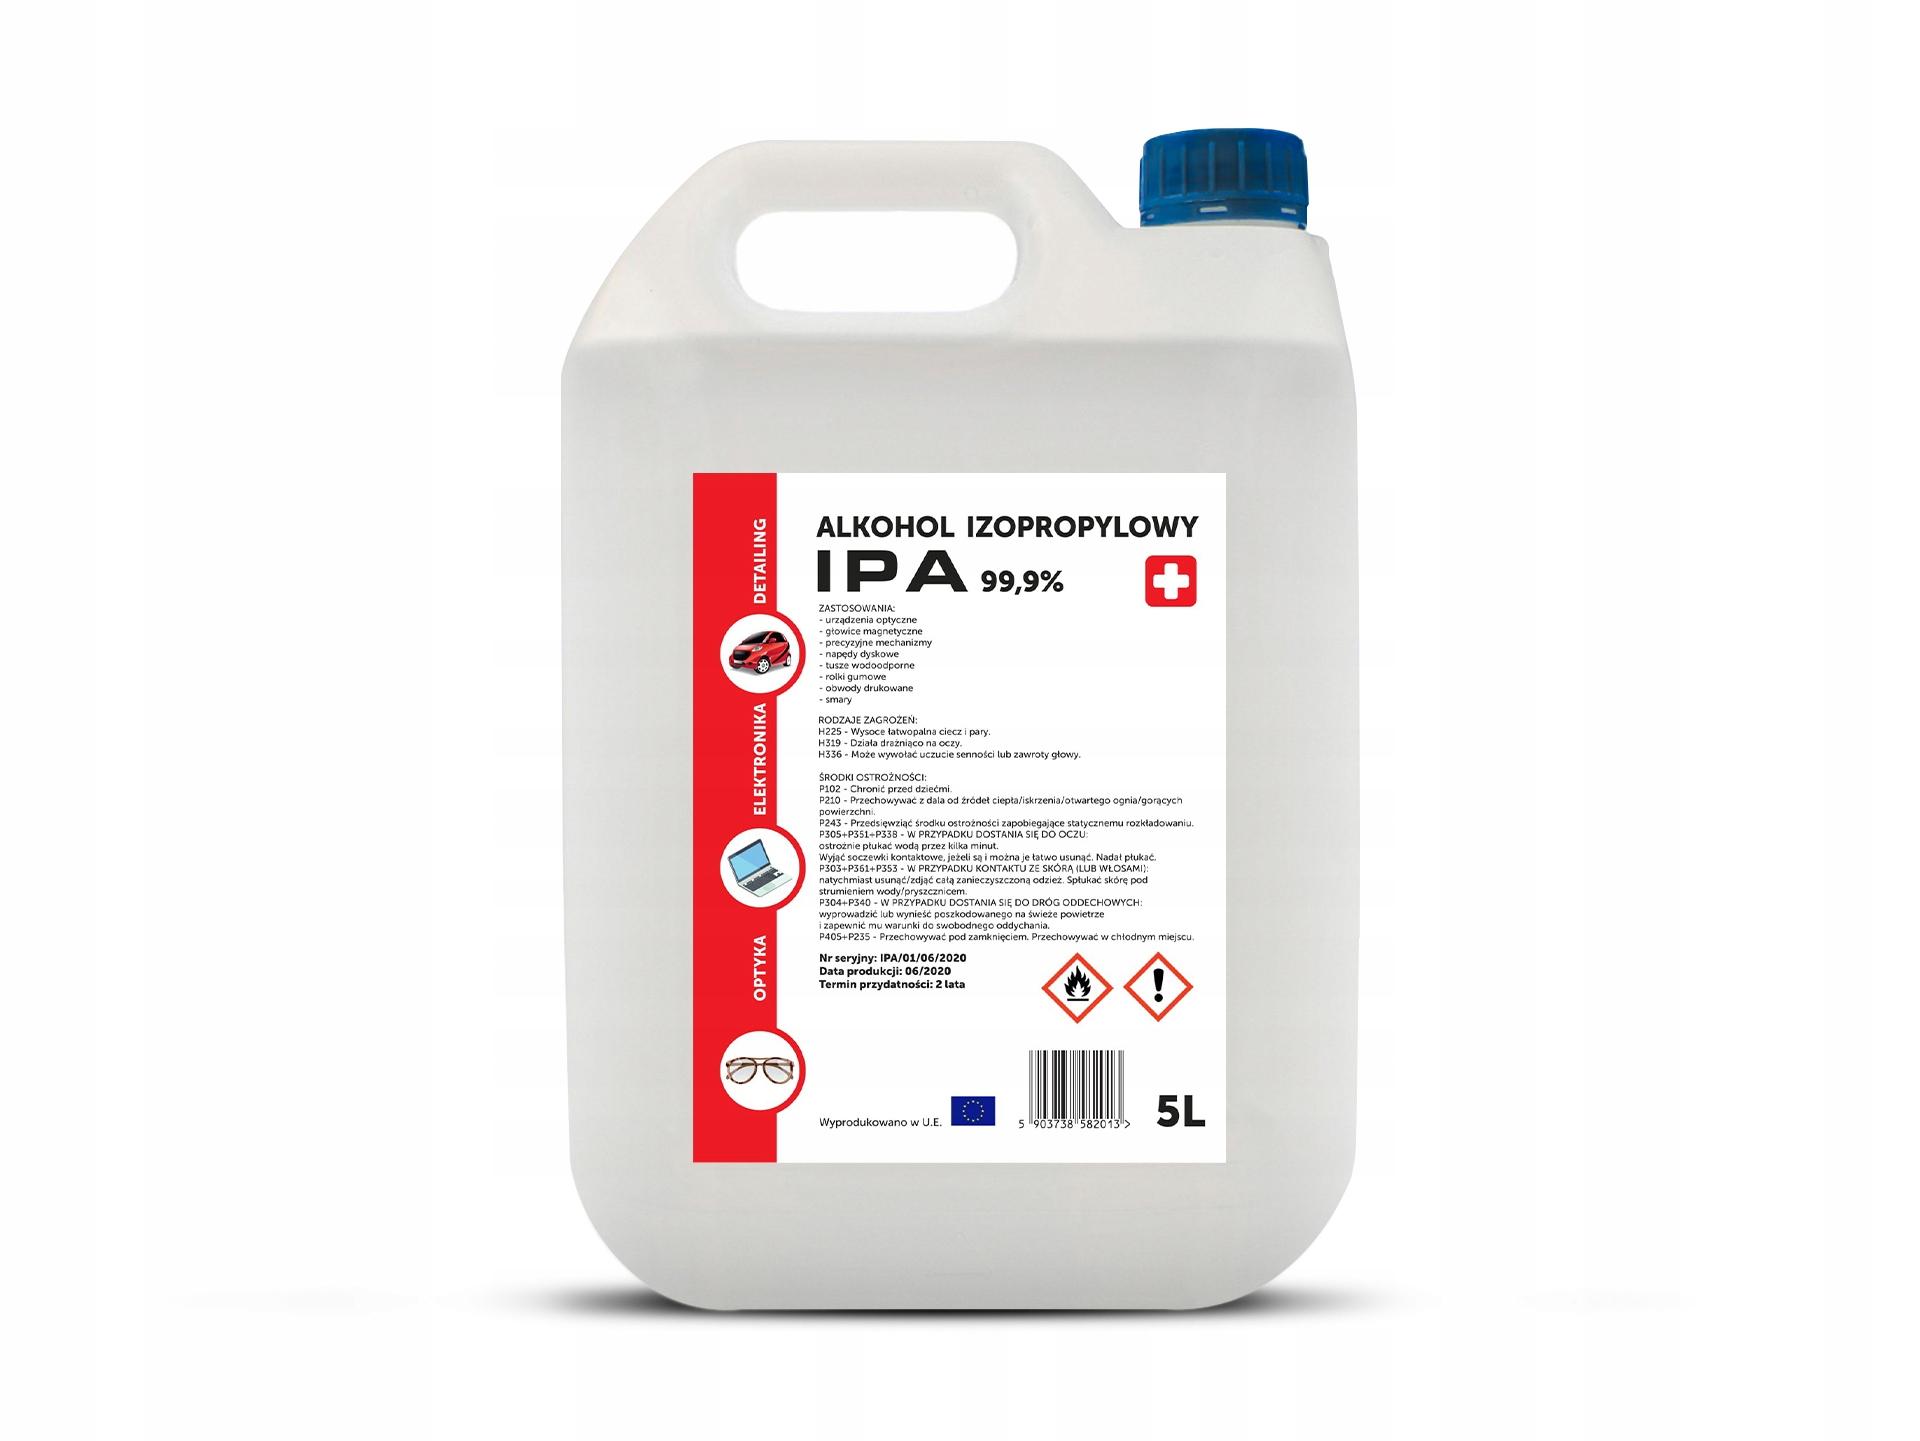 Изопропиловый спирт IPA PURE ISOPROPANOL 99,9% 5L